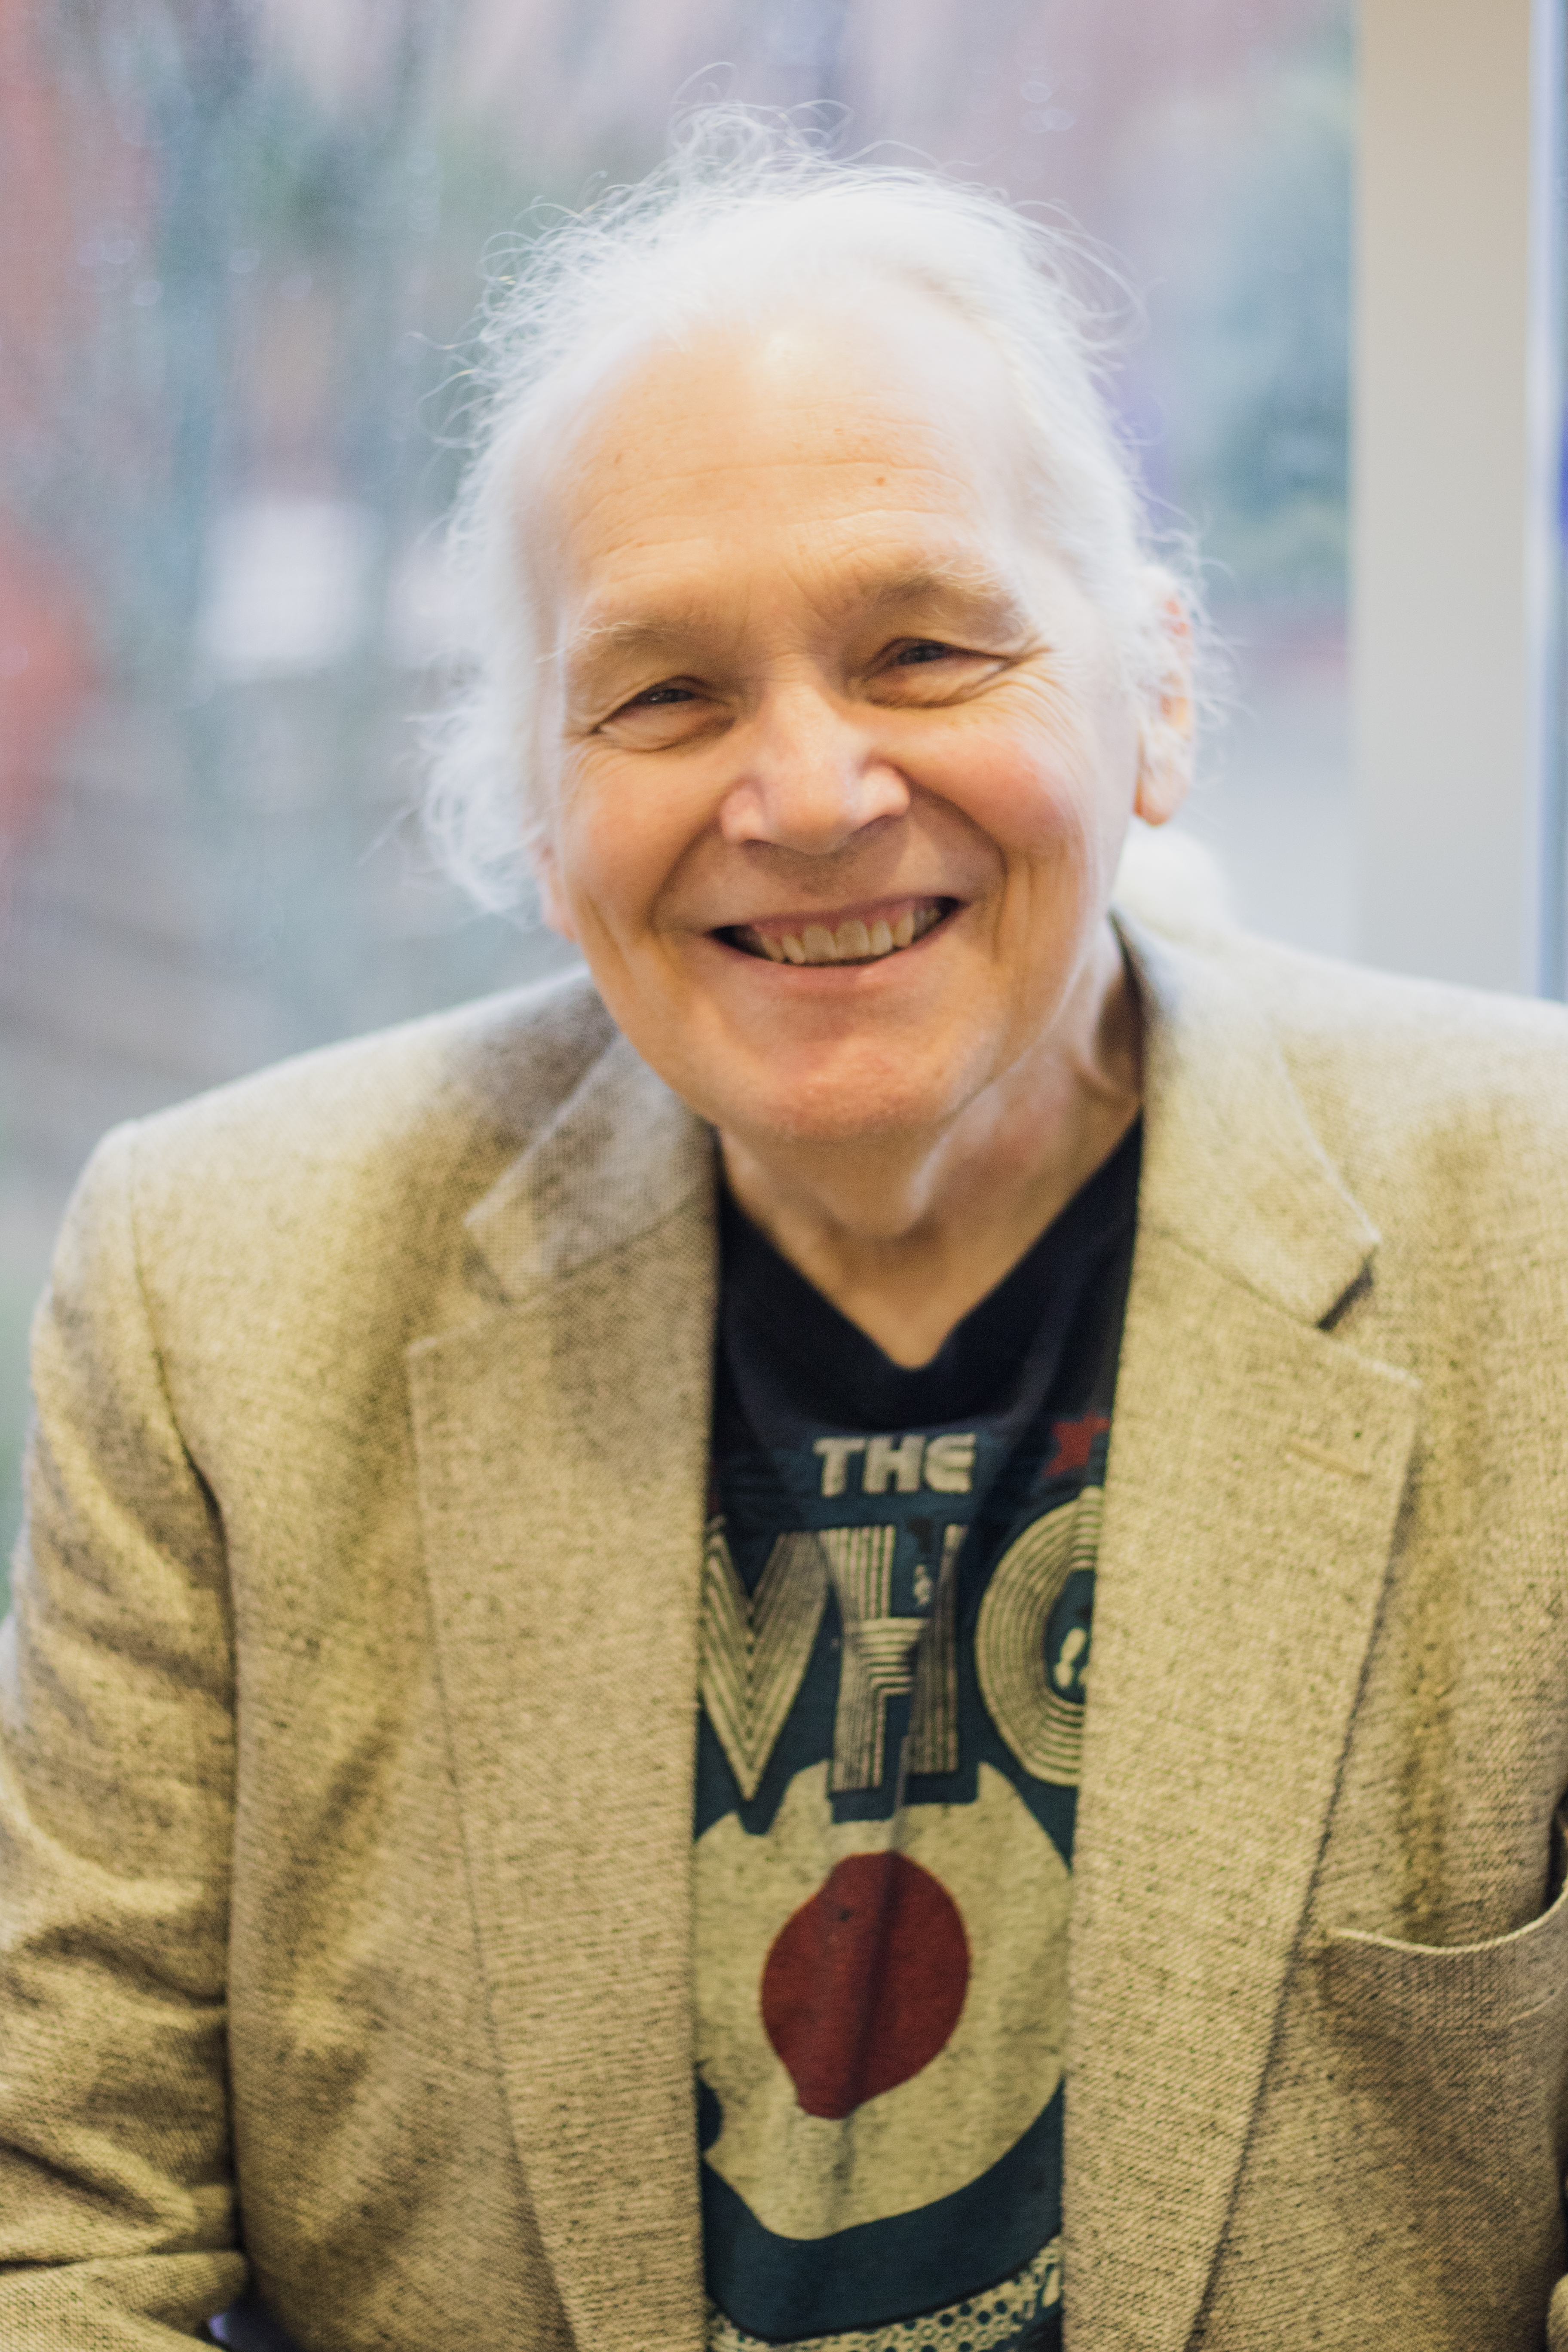 Tim Ghianni